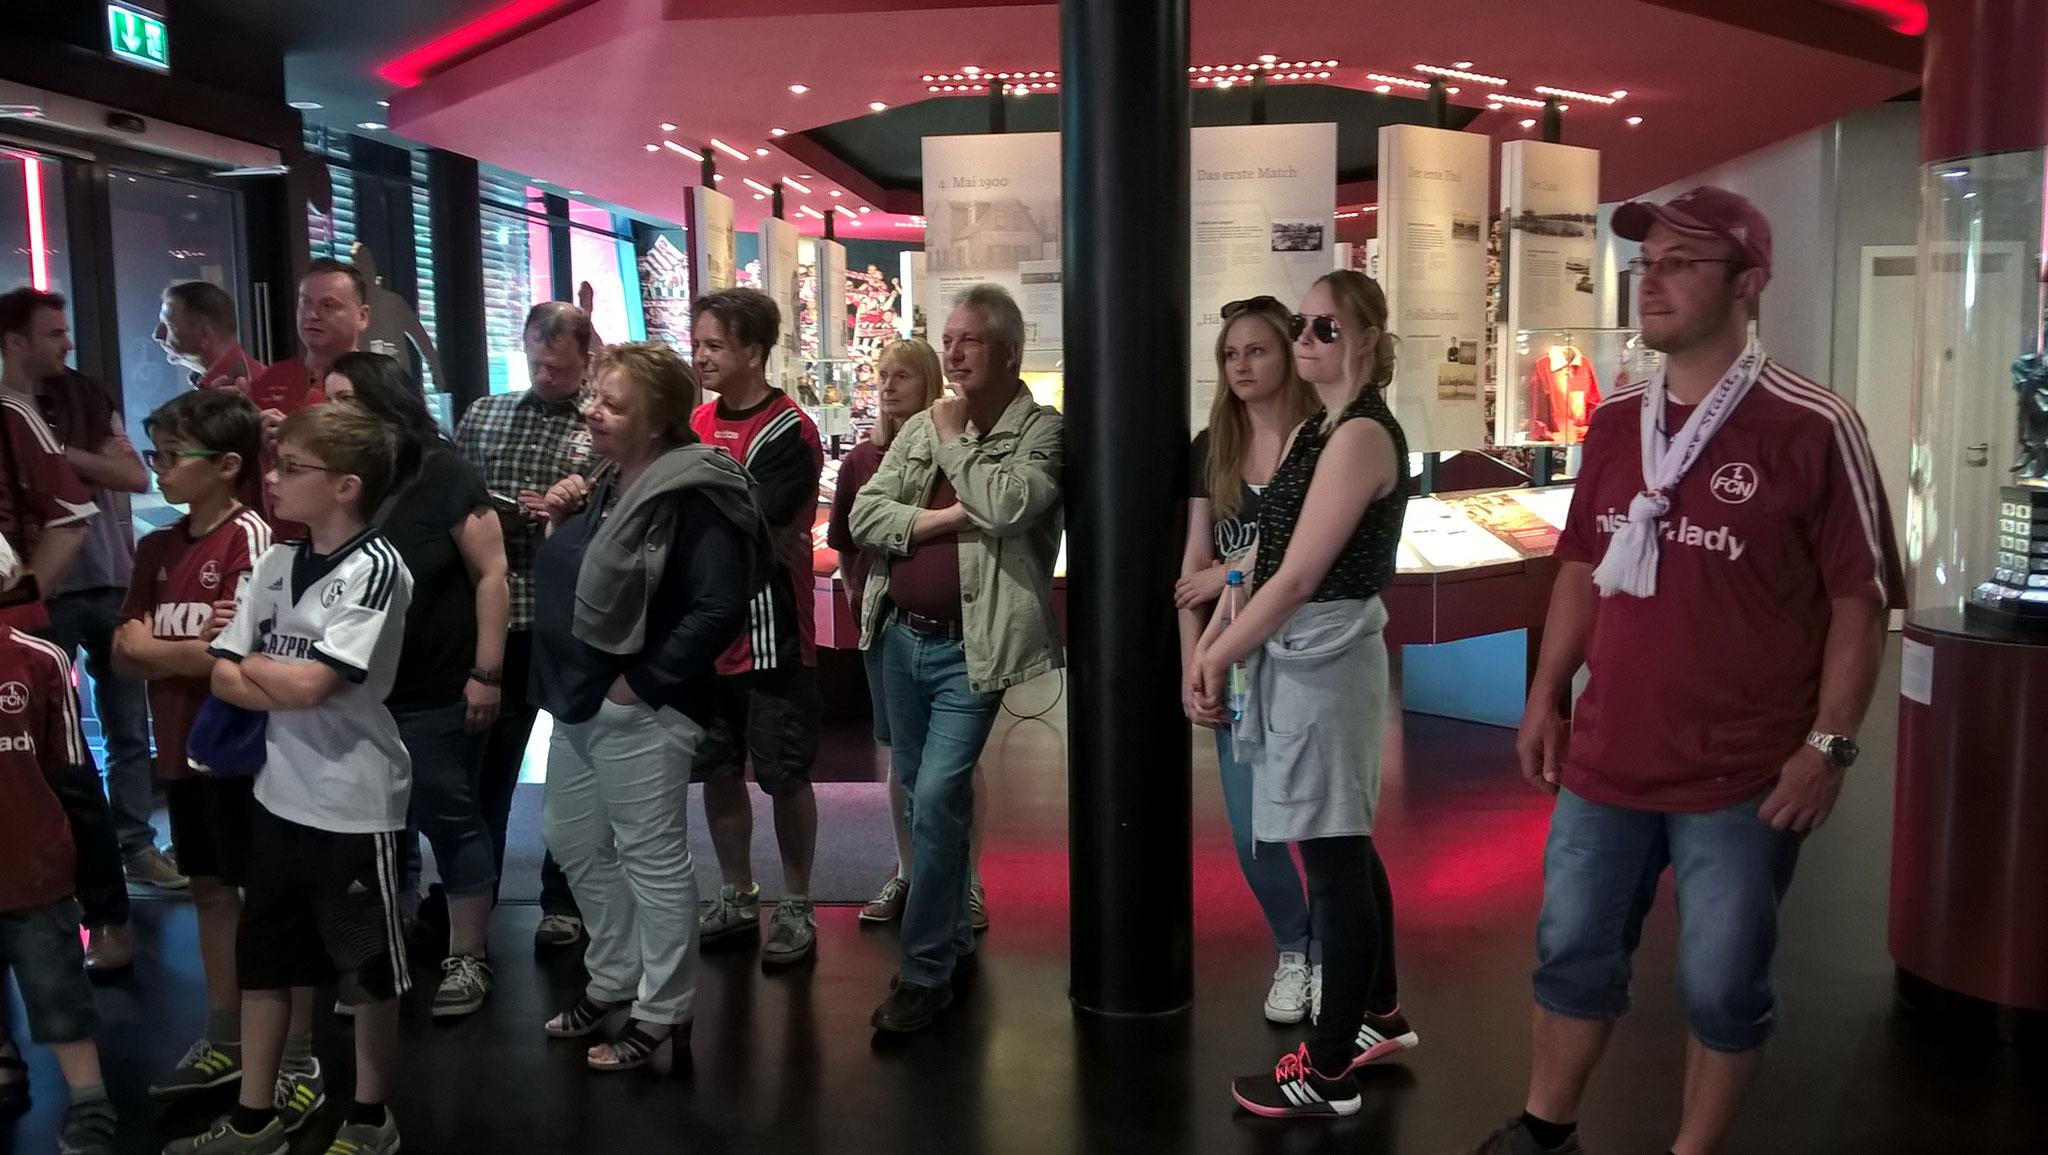 Familienausflug nach Nürnberg am  08.05.2016